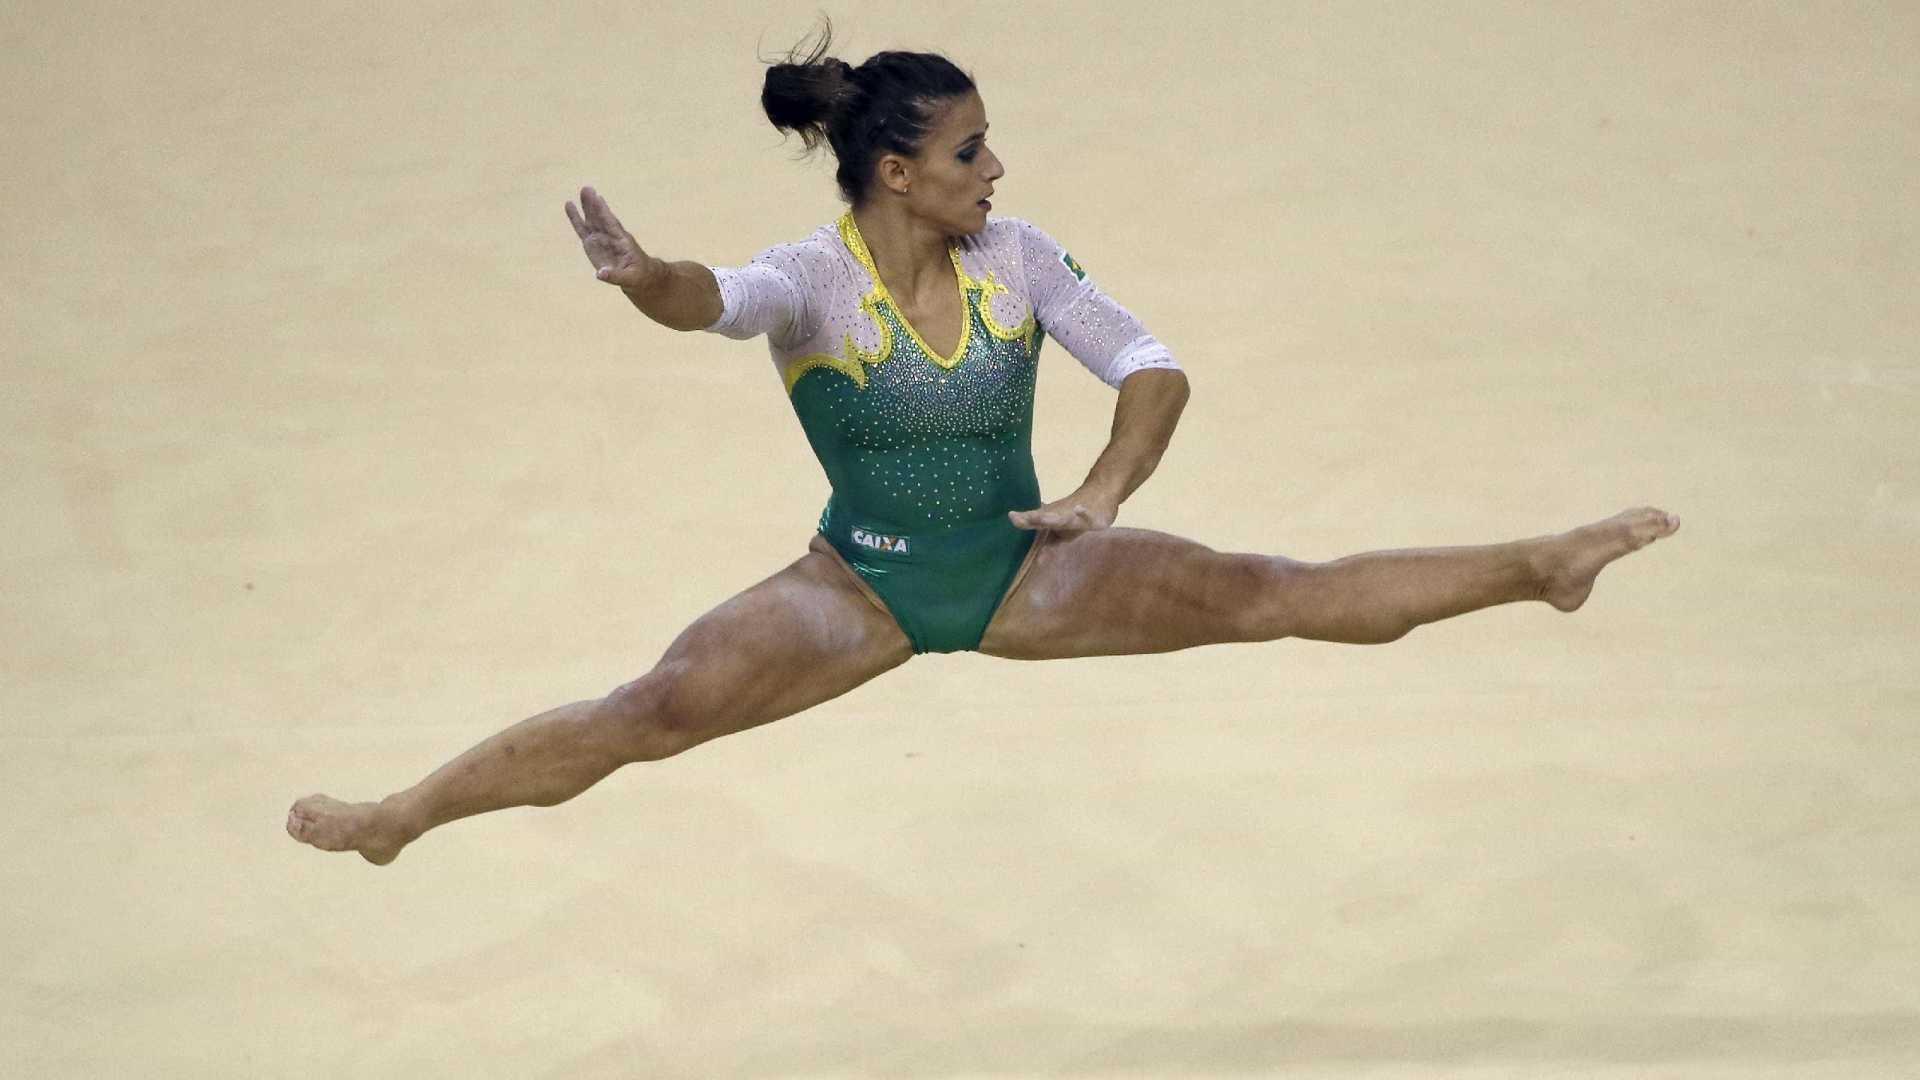 naom 57a65c2f06f7e - Equipe feminina do Brasil encerra Mundial de ginástica na 7ª colocação